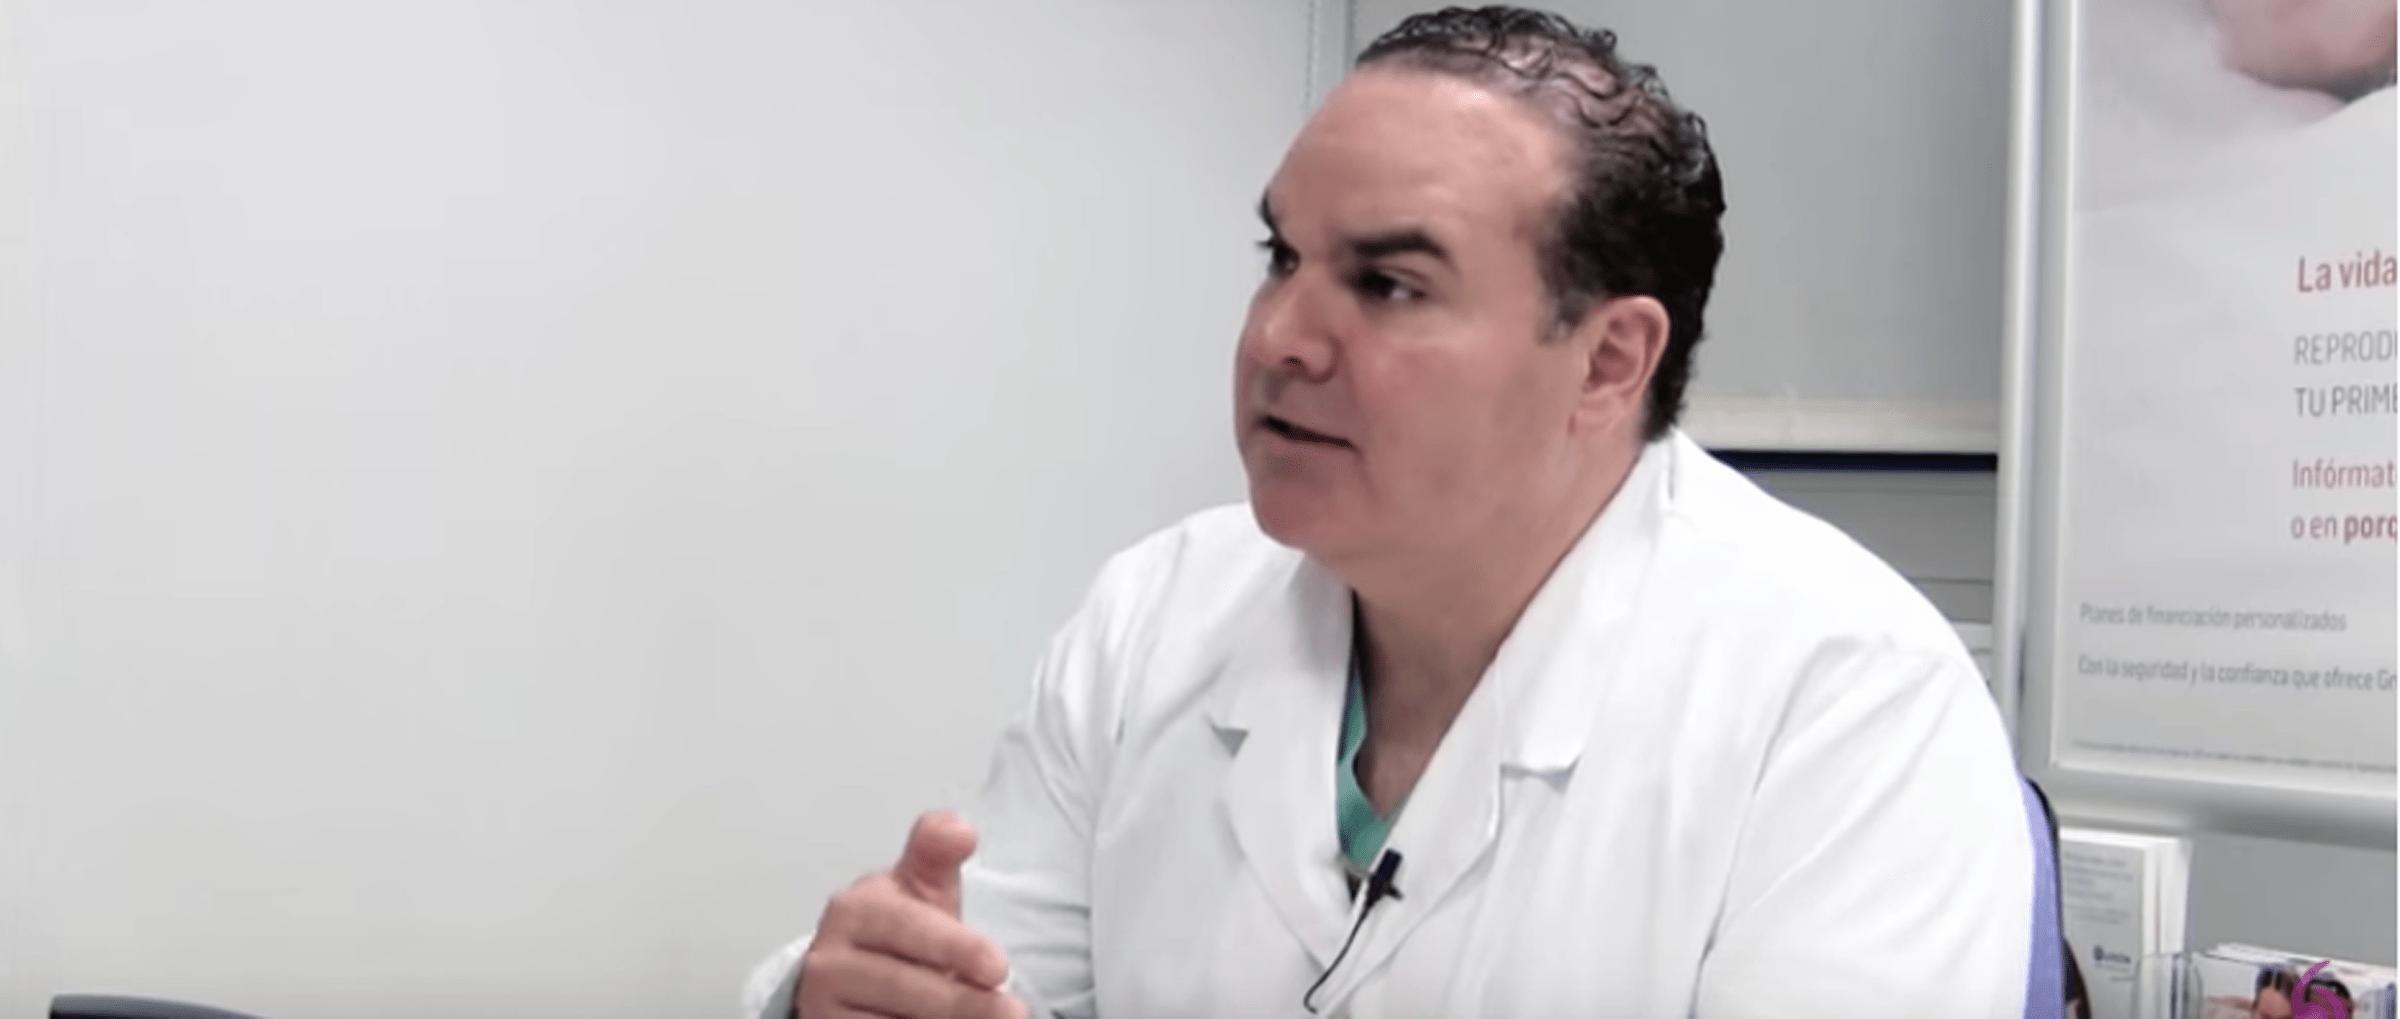 Imagen: Dr Victor Villalobos